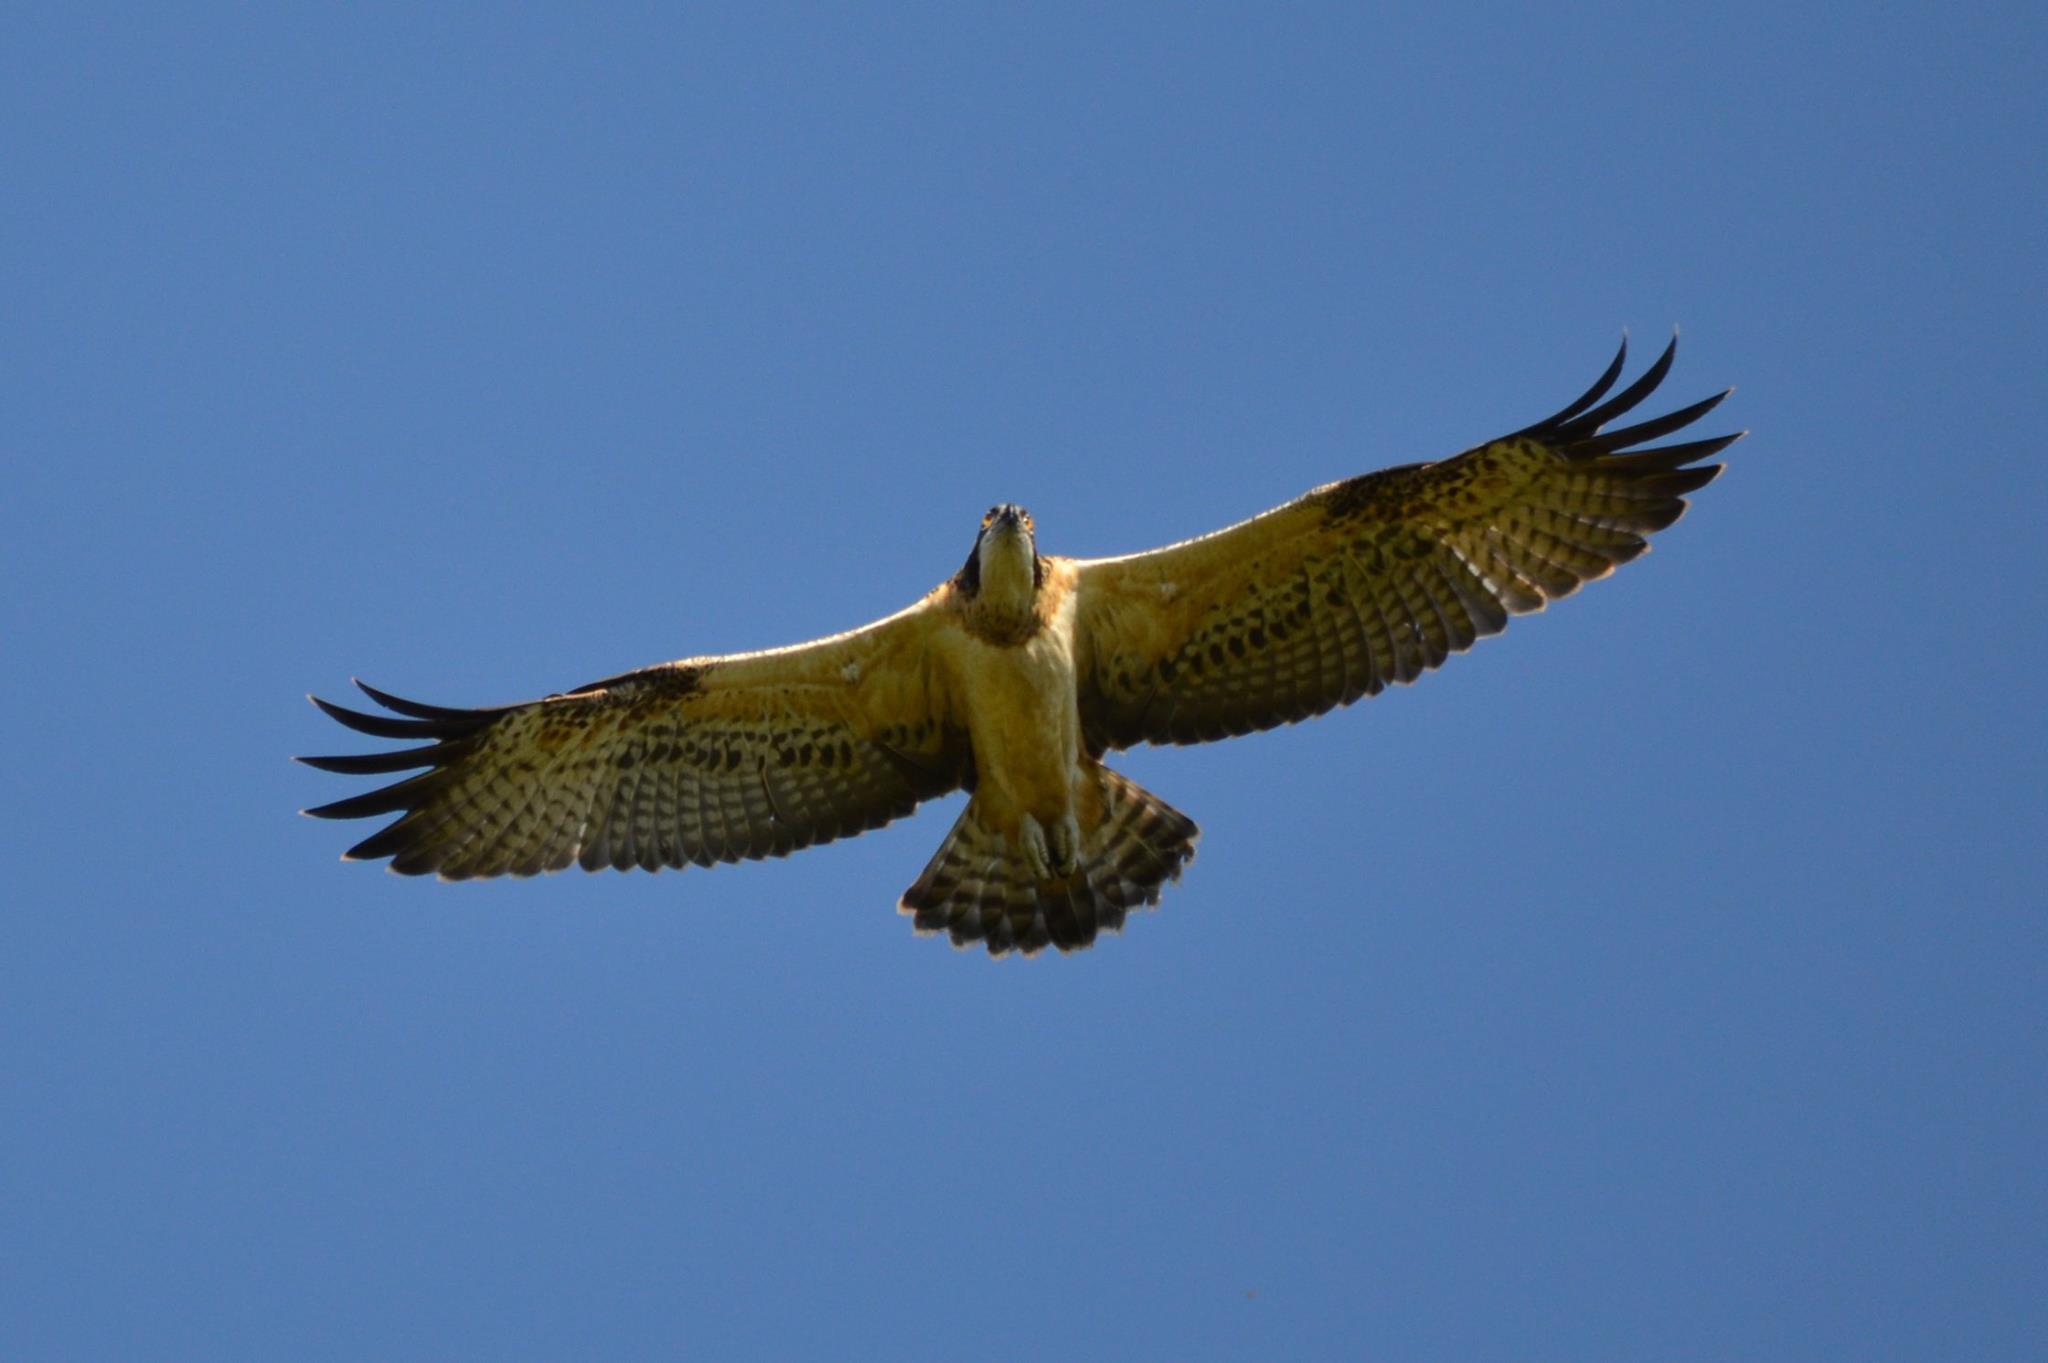 Osprey. Photo by M. Sidenko